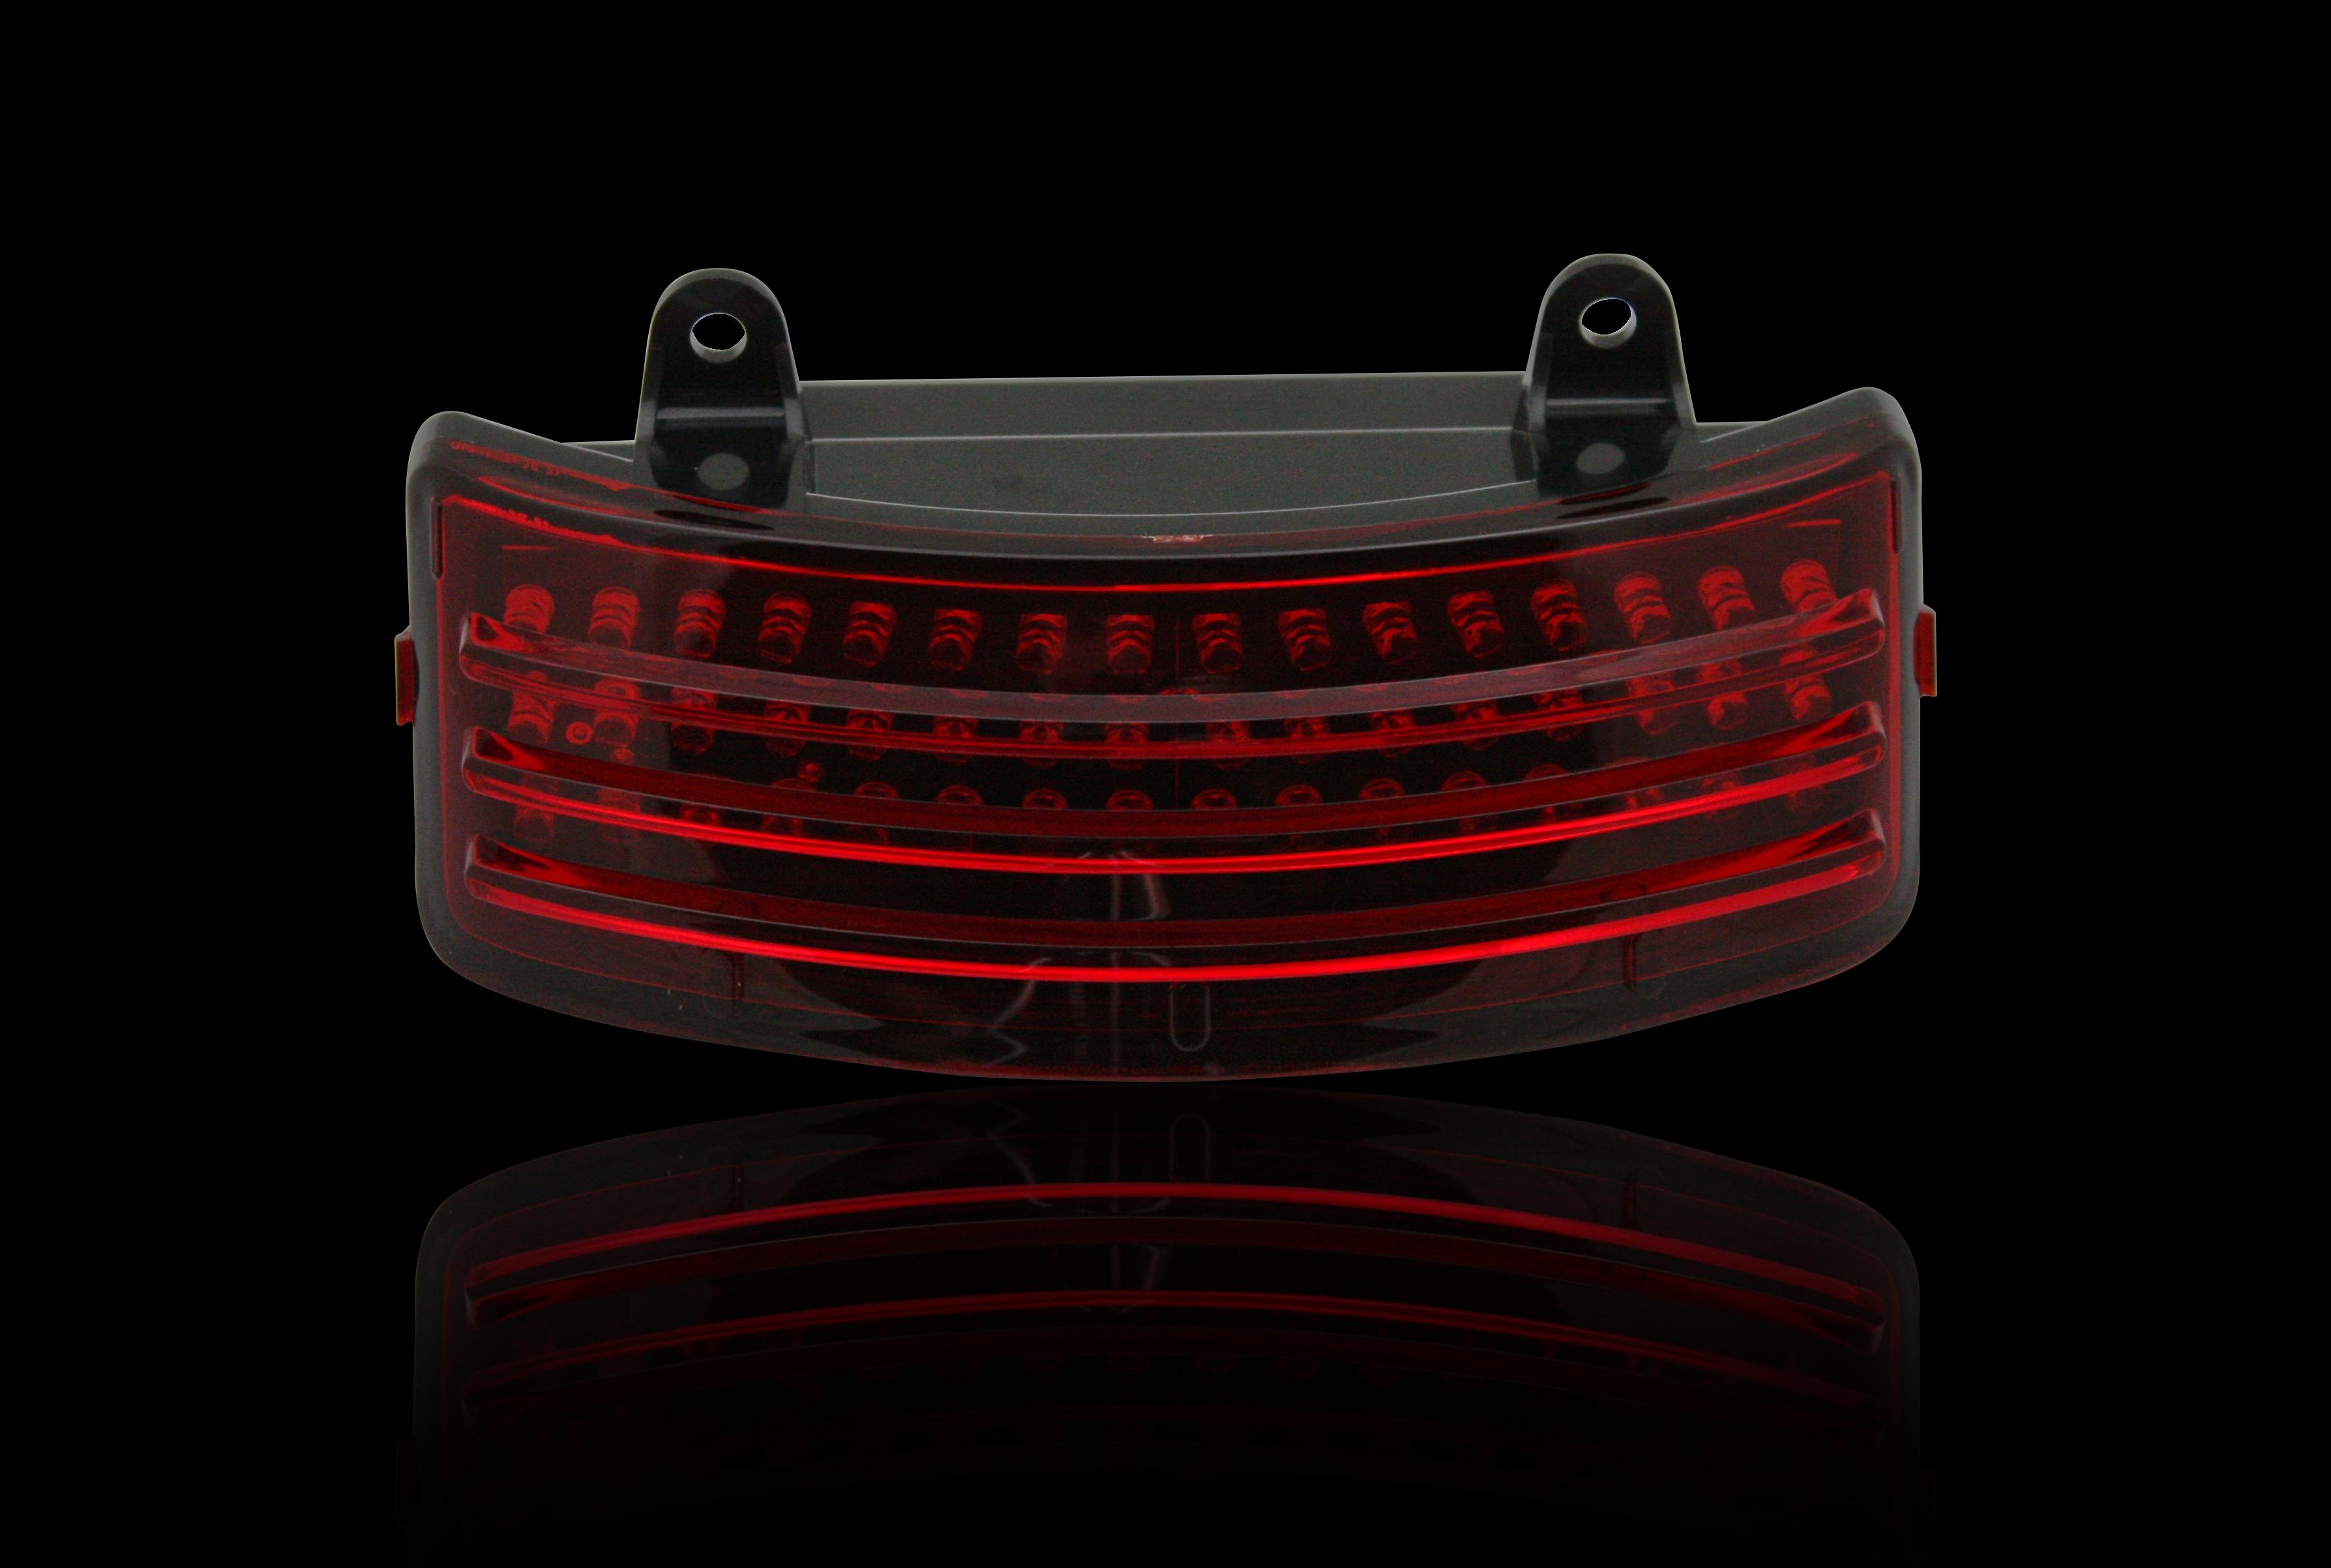 Custom Dynamics Black Tri Bar Led Rear Fender Light 14 18 Harley Touring Fltrx